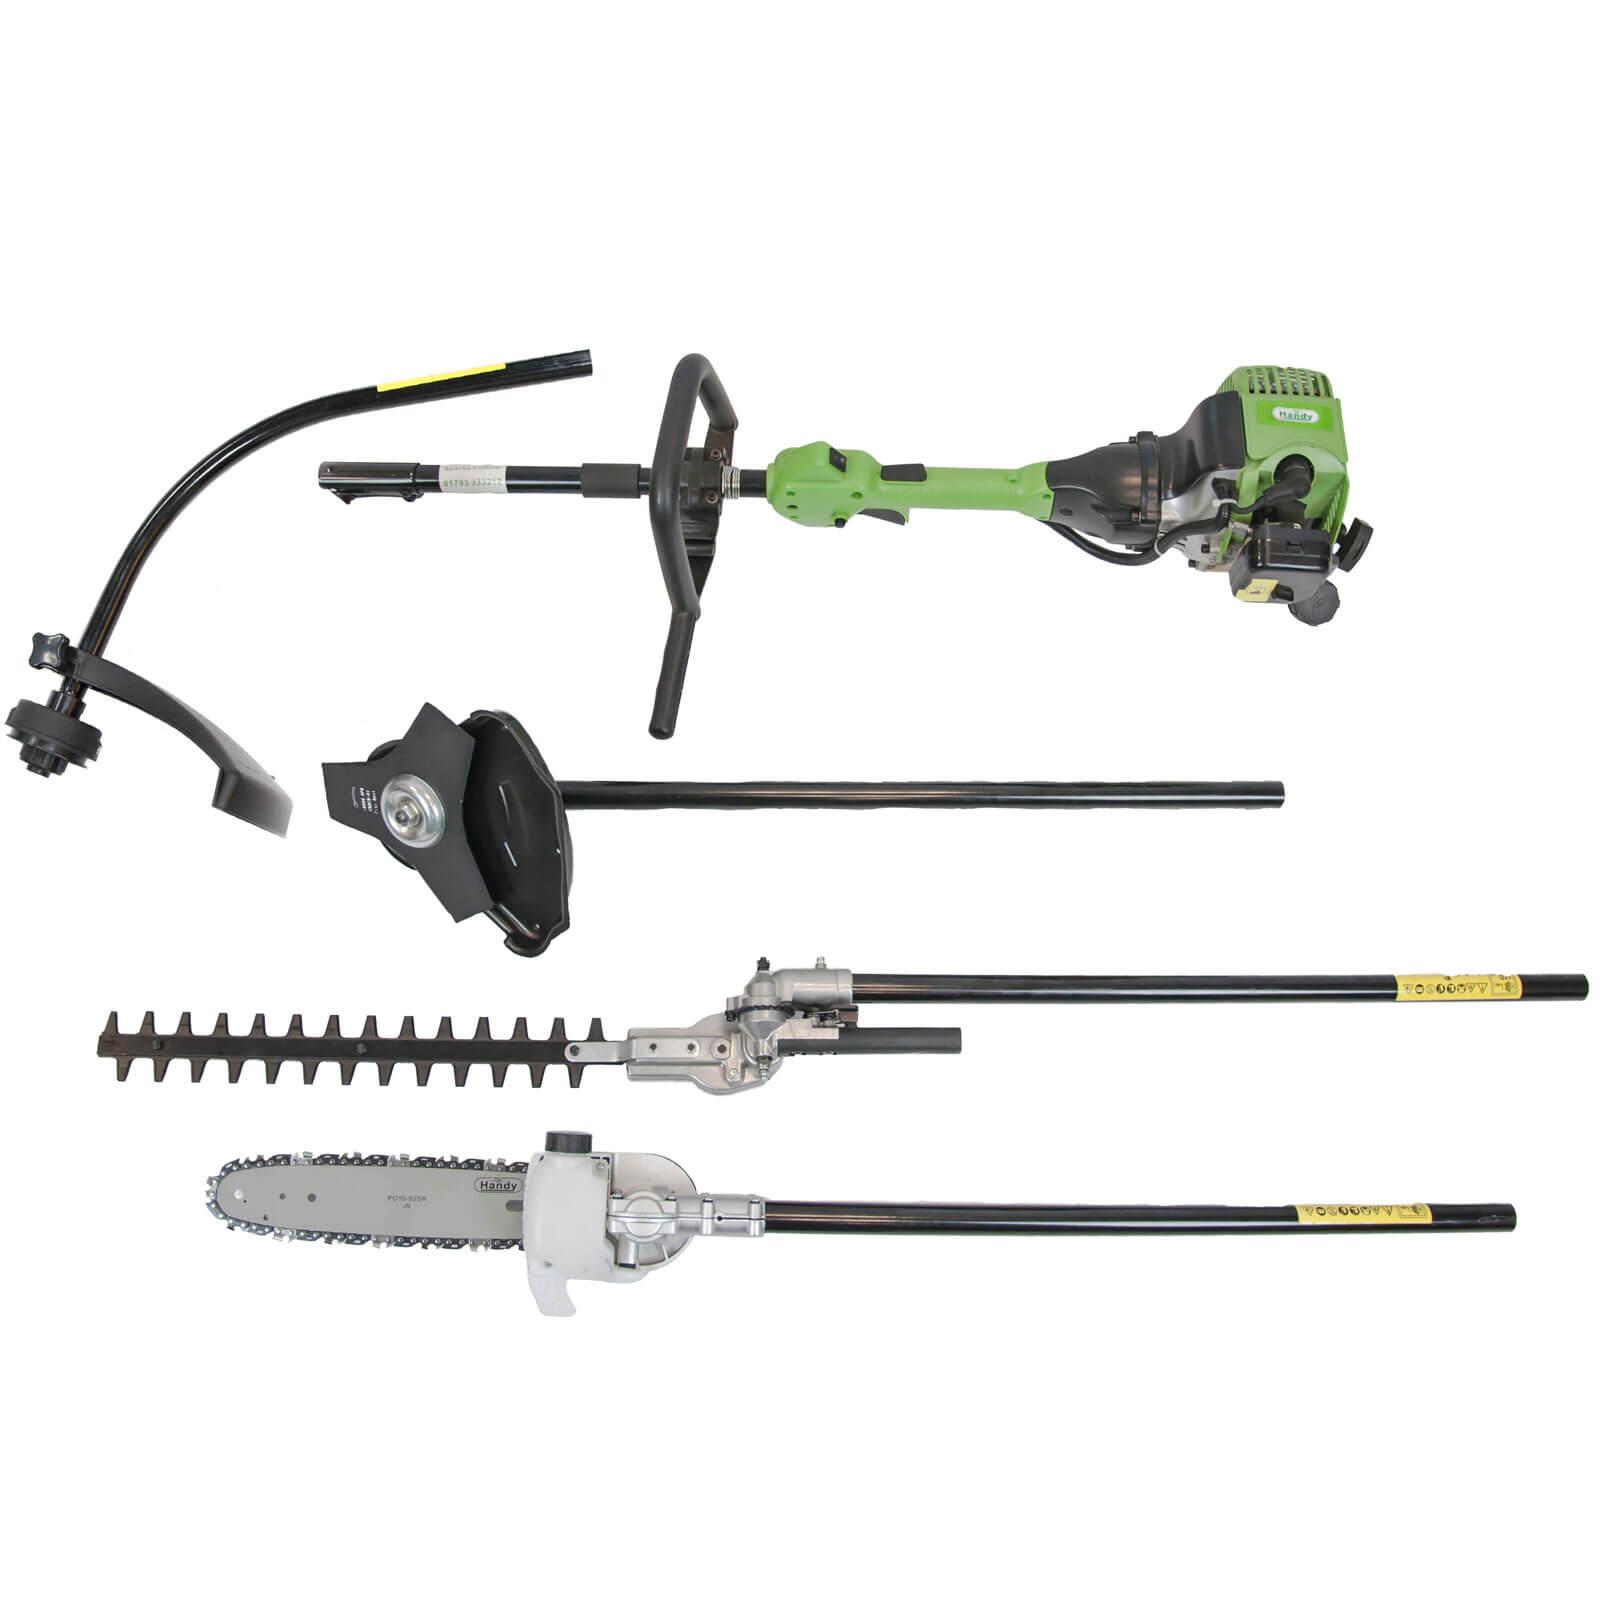 Handy THMC-A Petrol Multi Cutter Grass Trimmer 380mm Cut Width 26cc 2 Stroke Engine & Brush Cutter, Hedge Cutter & Pruner Attachments